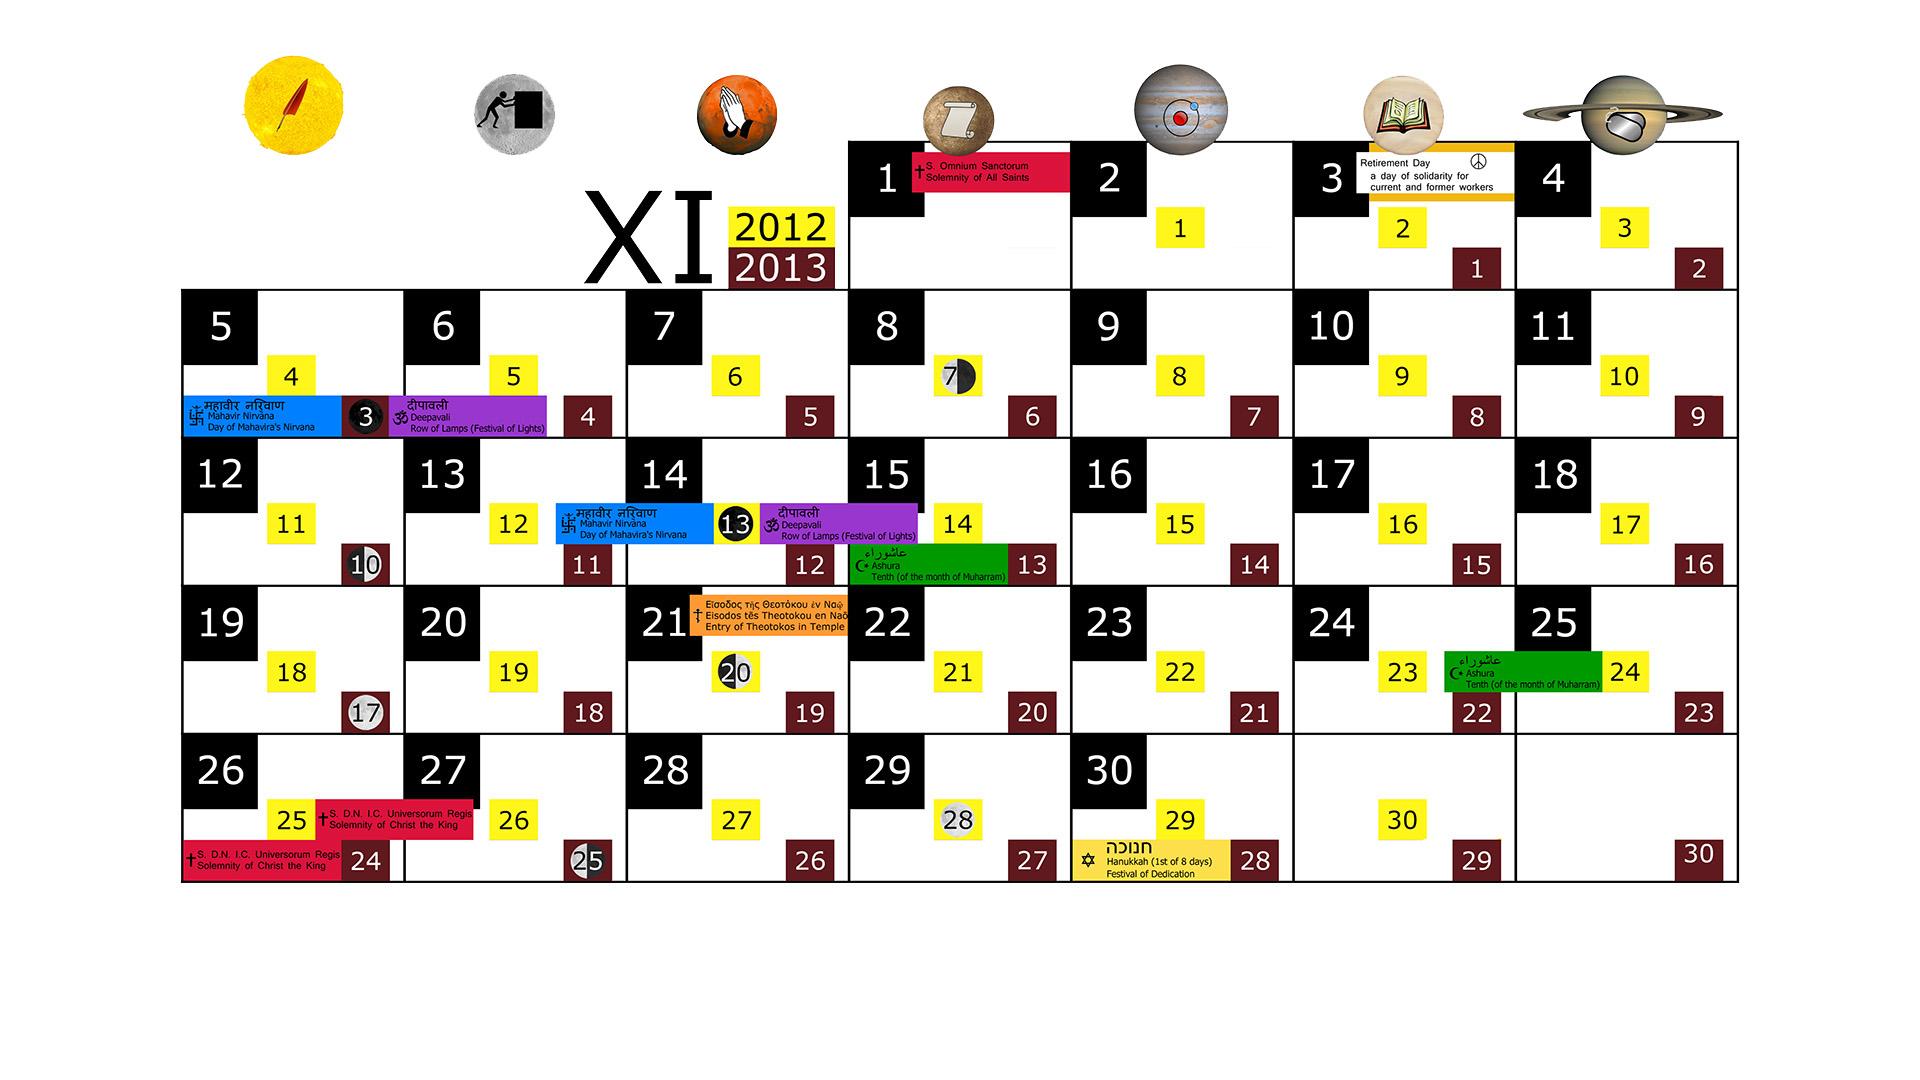 Miesięczny kalendarz świąt na listopad 2012 and 2013 na białym tle